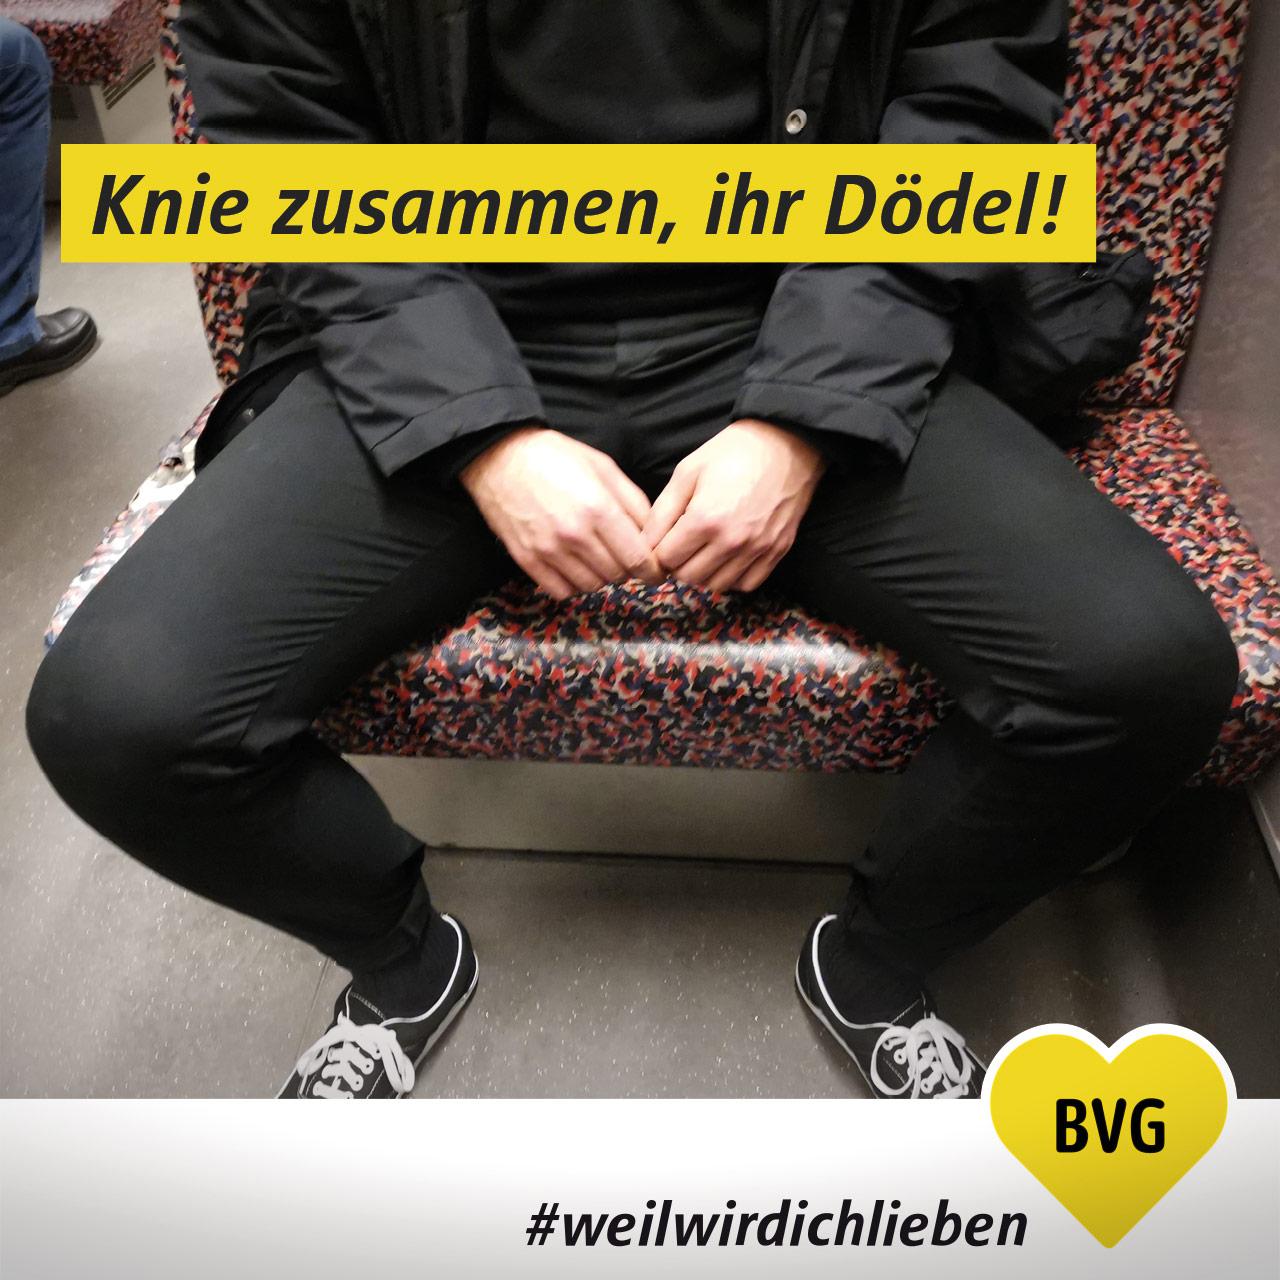 BVG_190307_Newsfeed_Frauentag_FB_1280x1280px